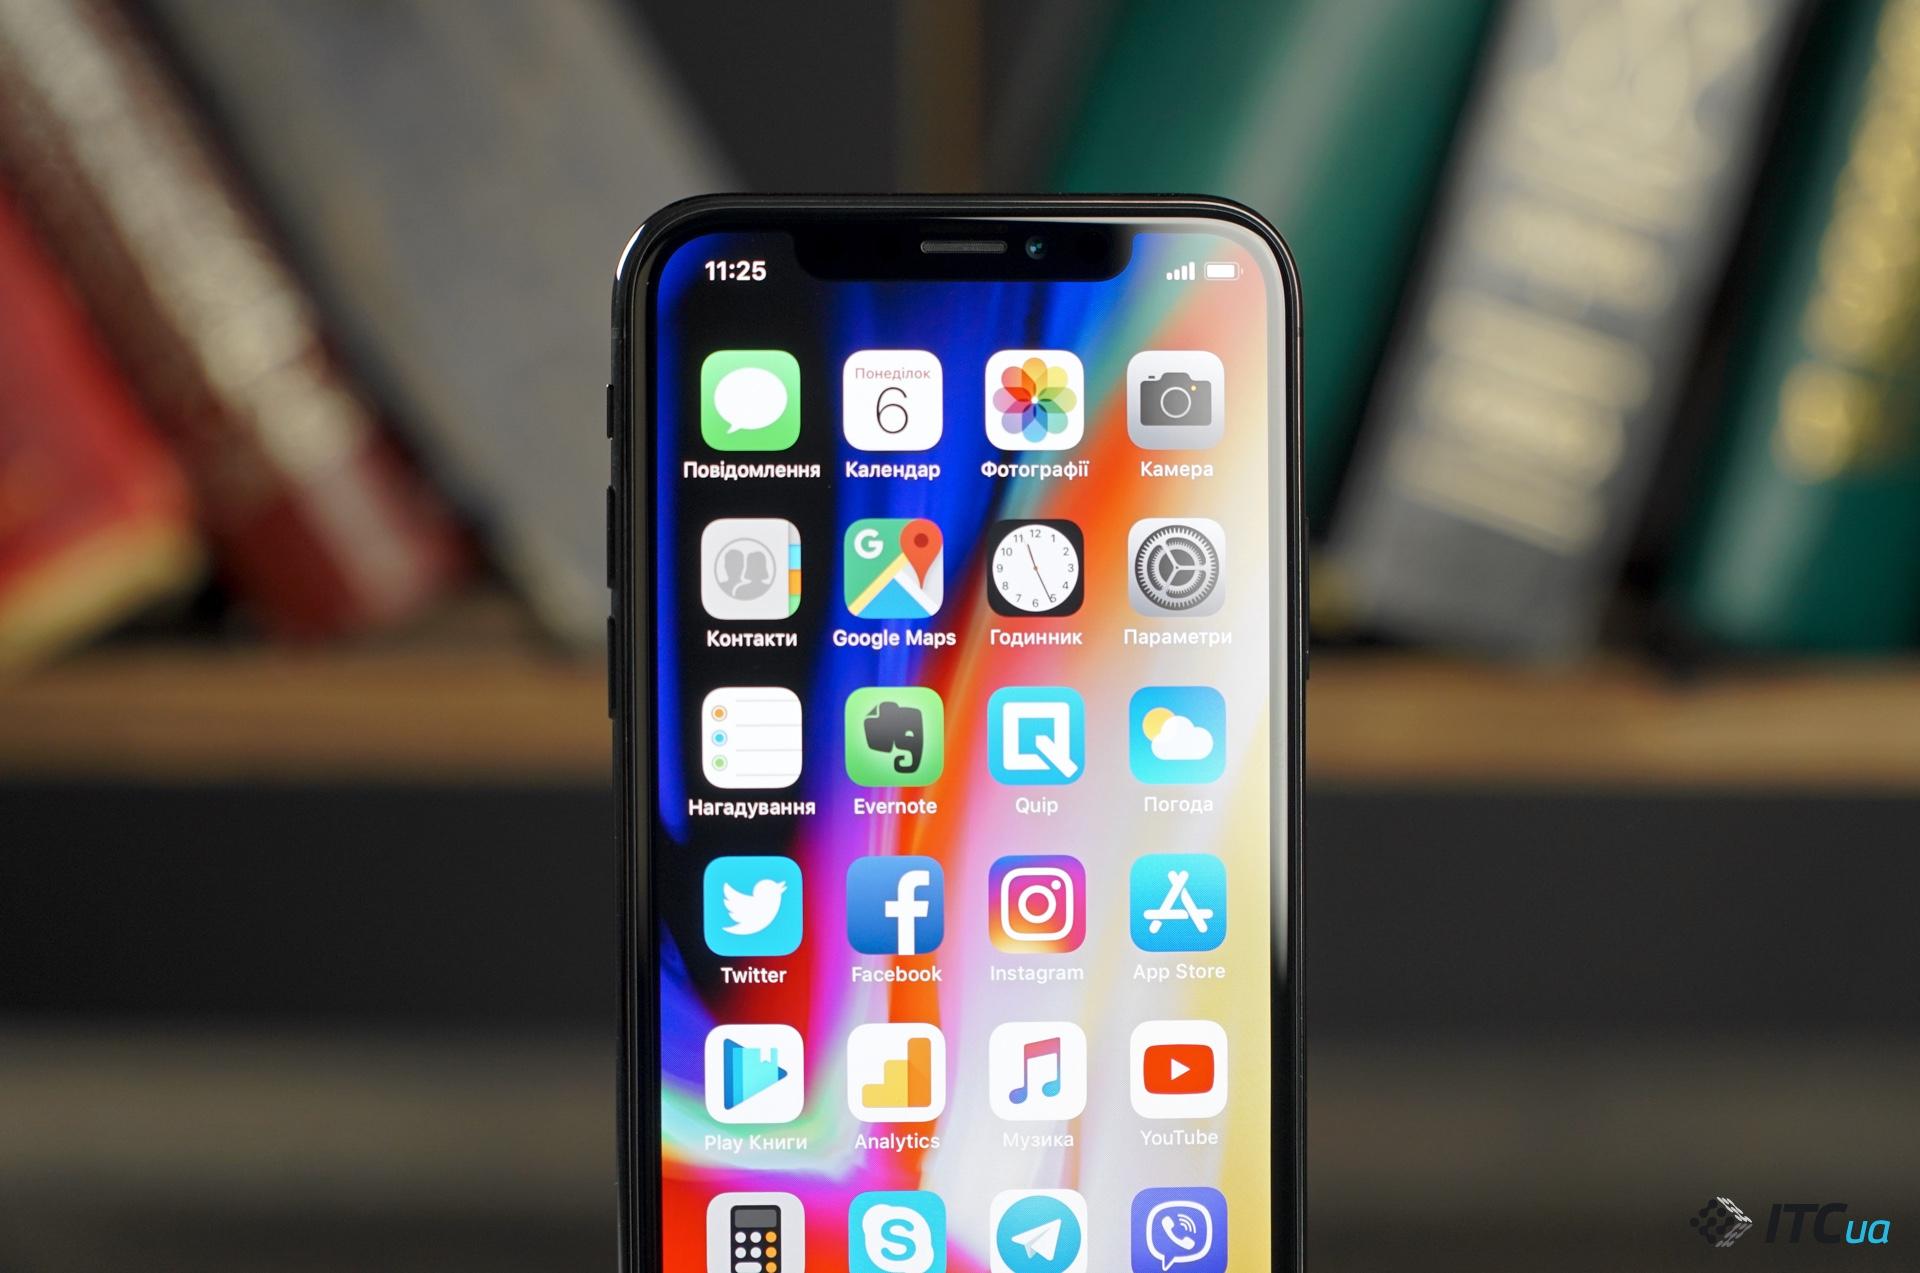 Новые смартфоны Apple iPhone могут представить уже на WWDC летом самая доступная 6,1-дюймовая модель может стоить от $550